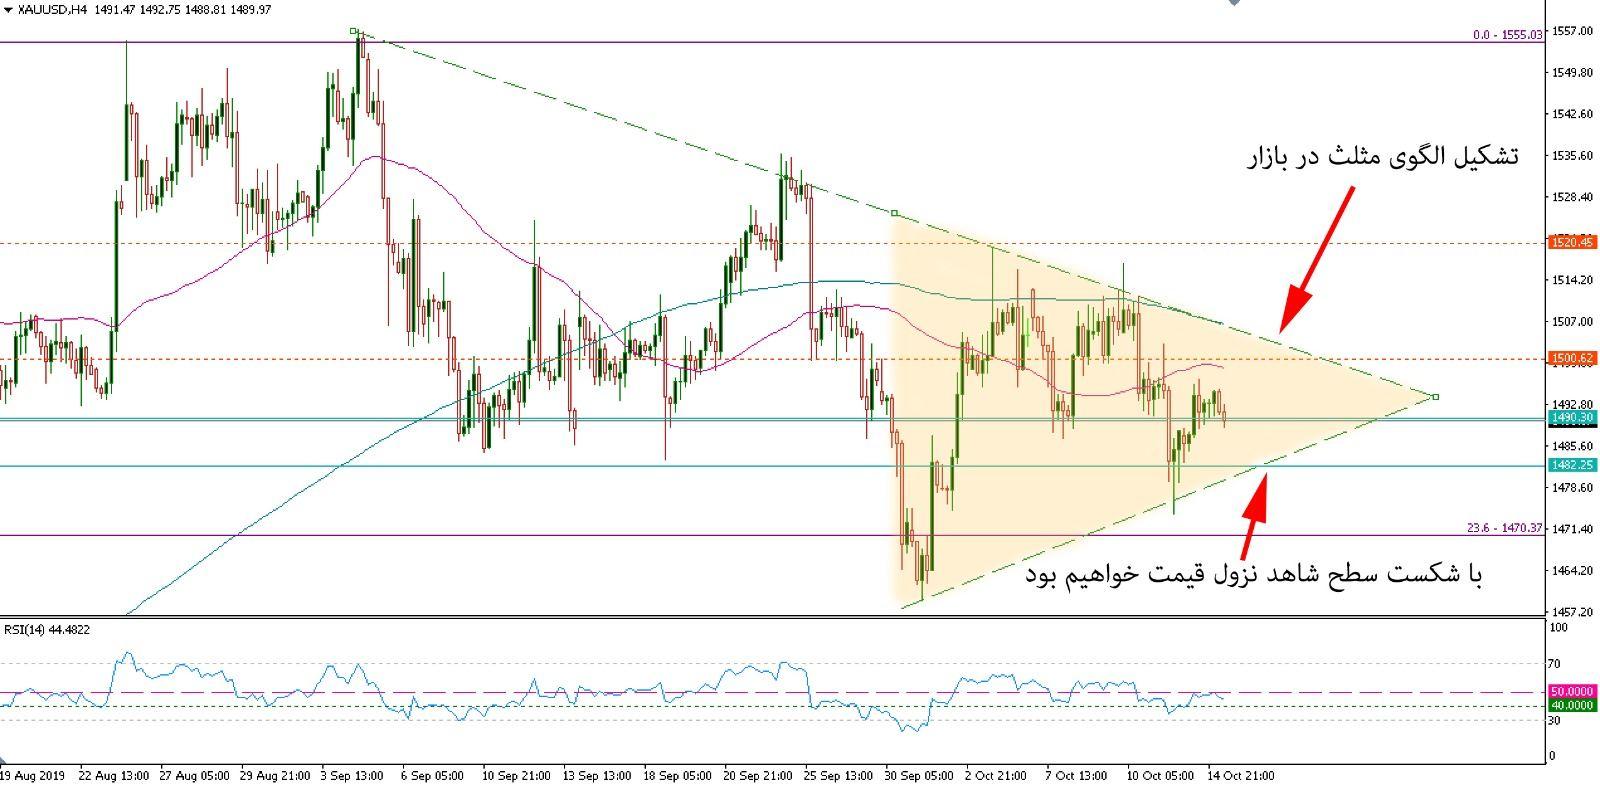 تحلیل بازار طلا مورخ 23 مهر 1398